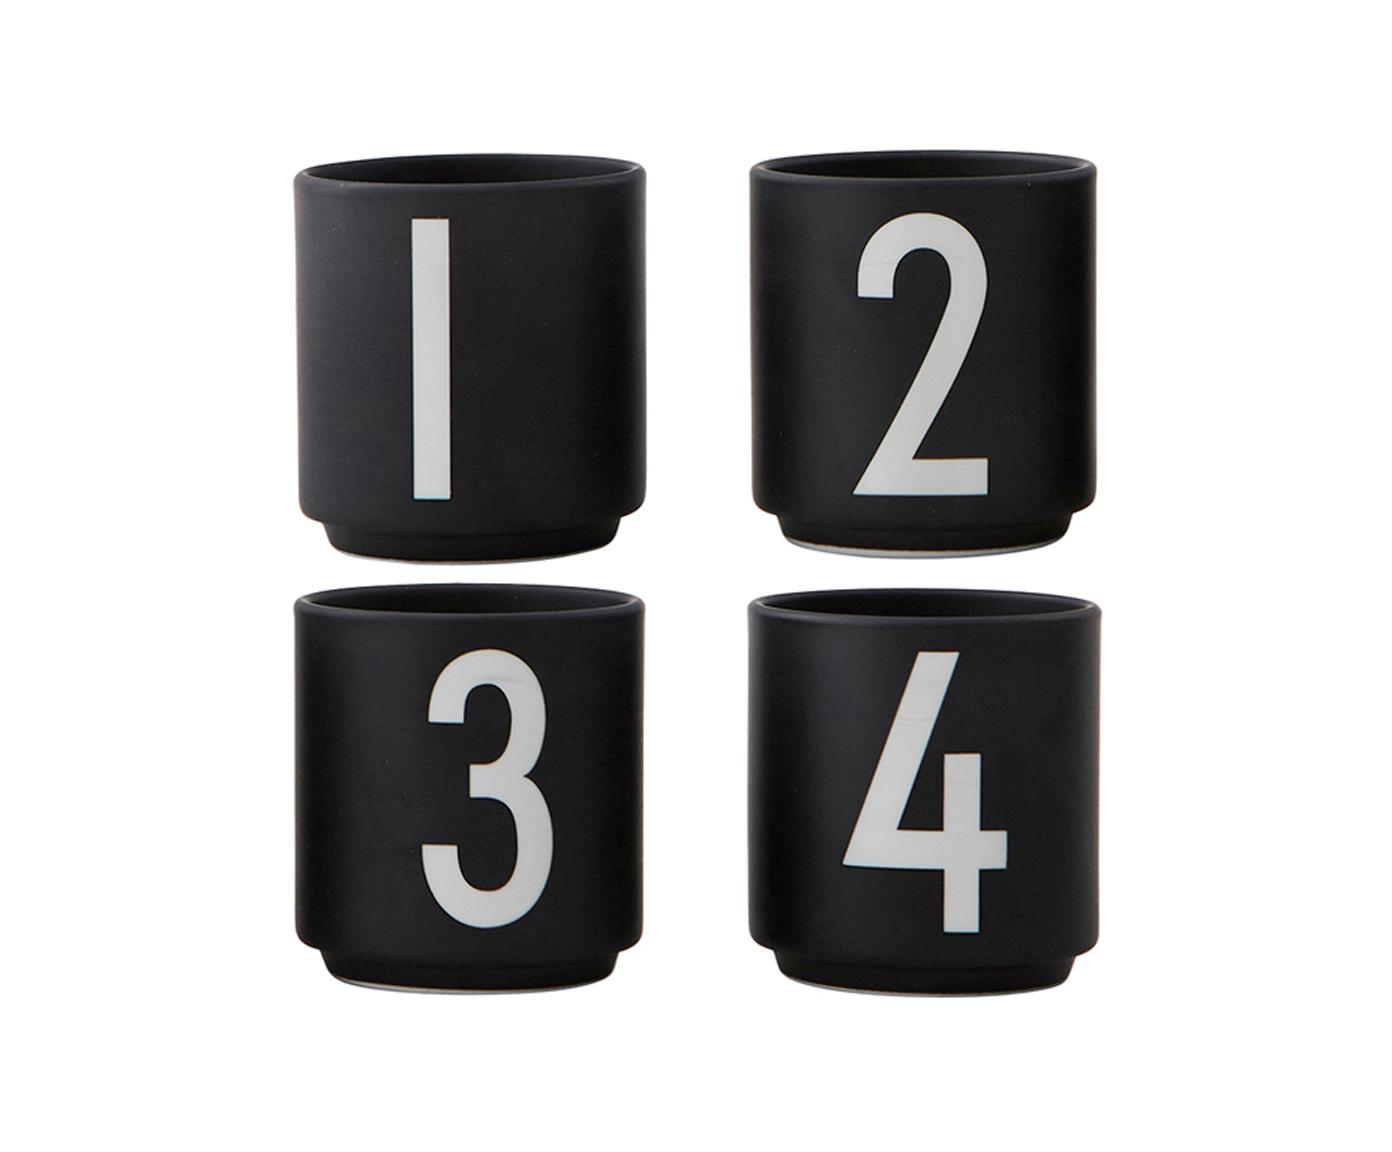 Design Espressobecher 1234 mit Zahlen, 4er-Set, Fine bone China, Schwarz, Weiss, Ø 5 x H 6 cm